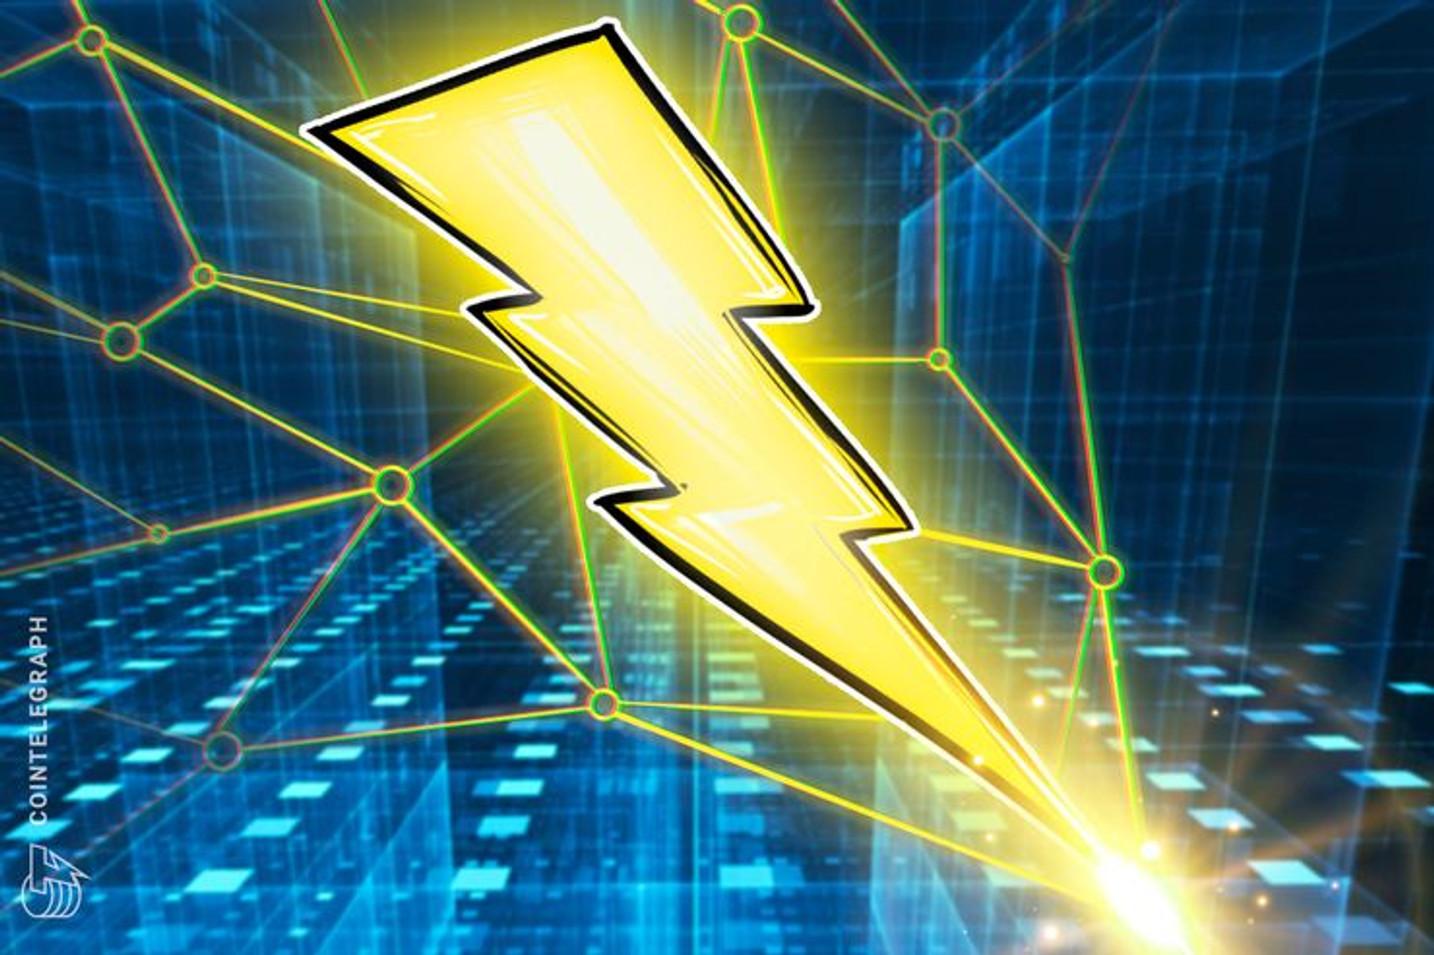 Deutsche Energie-Agentur: Energiewirtschaft kann von Blockchain profitieren